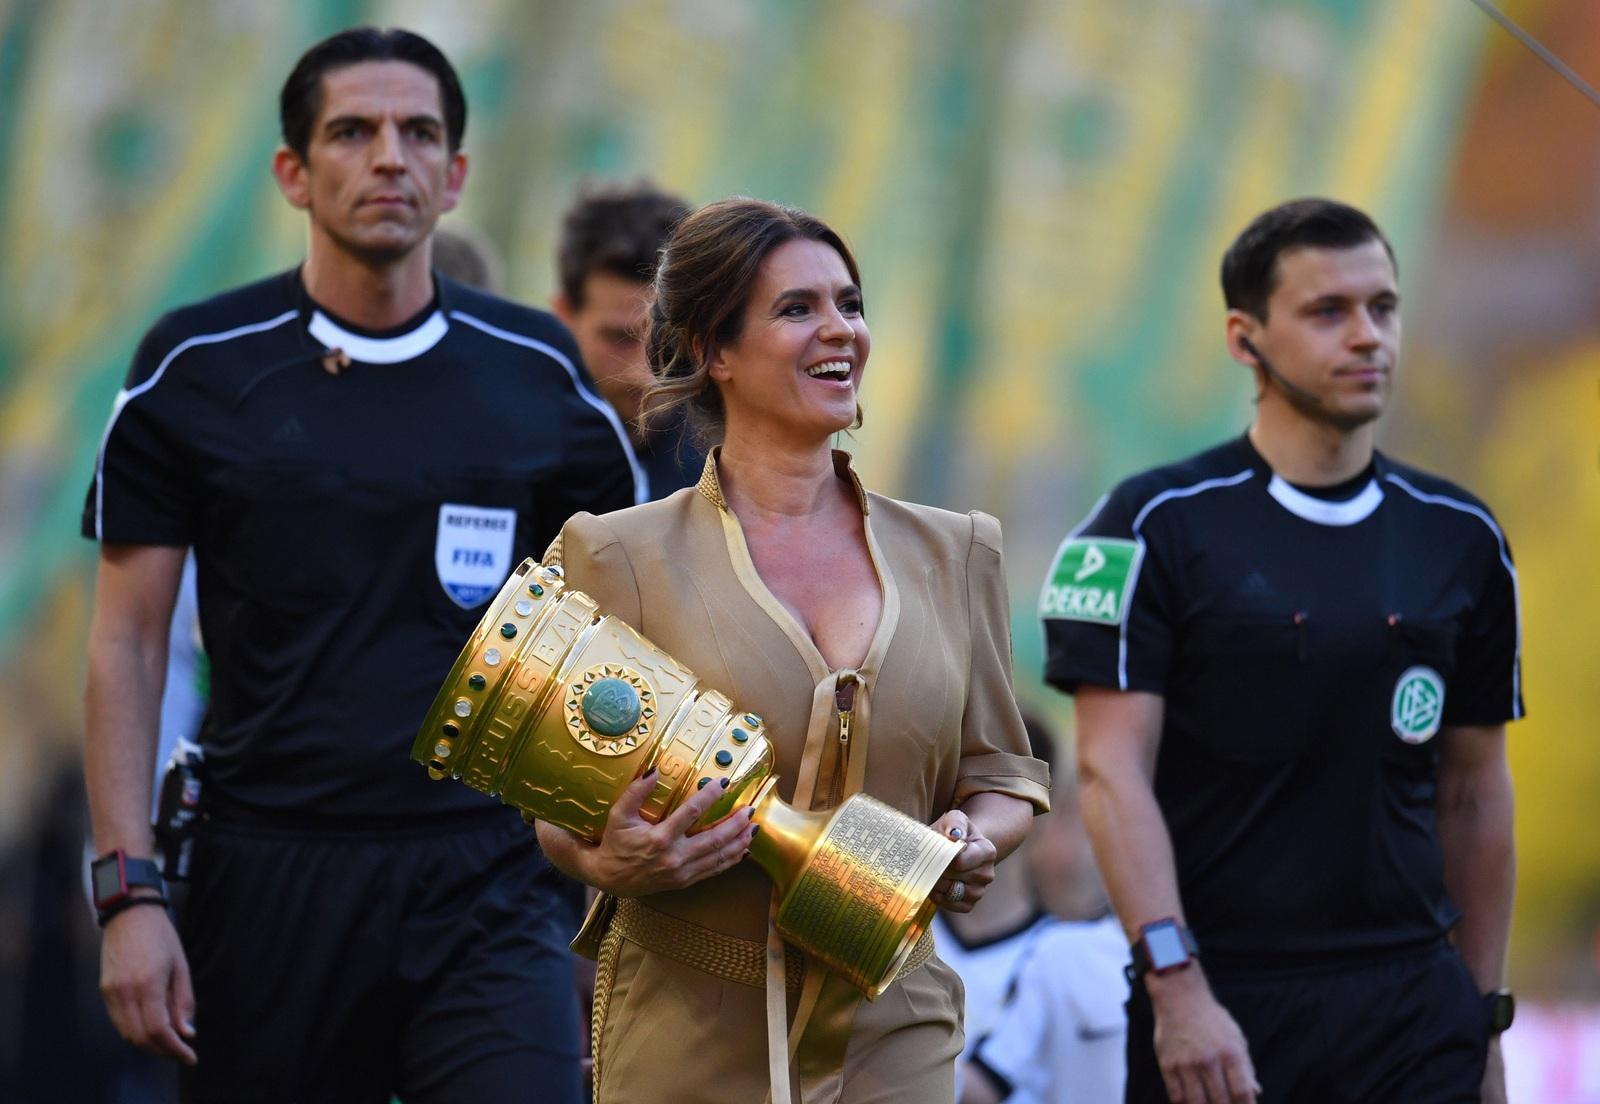 Dfb Pokal 2017 Im Ticker Heute Finale Eintracht Frankfurt